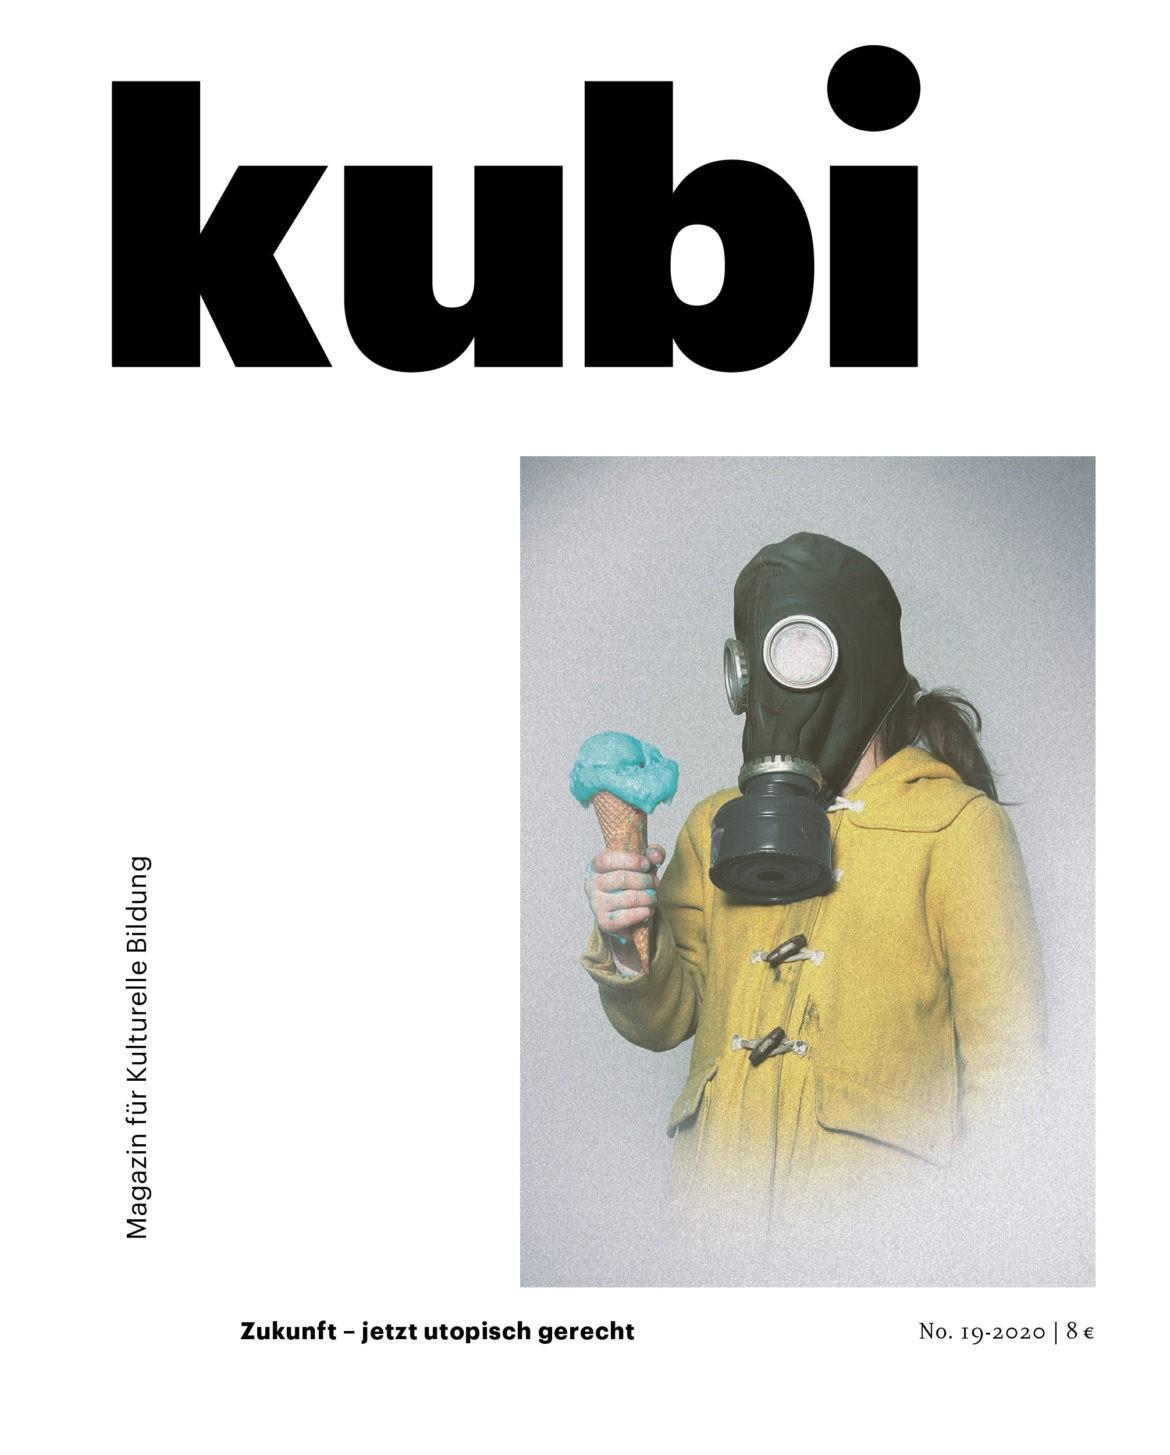 Kultur |Bildung |Magazin | Jugendlicher |Eis